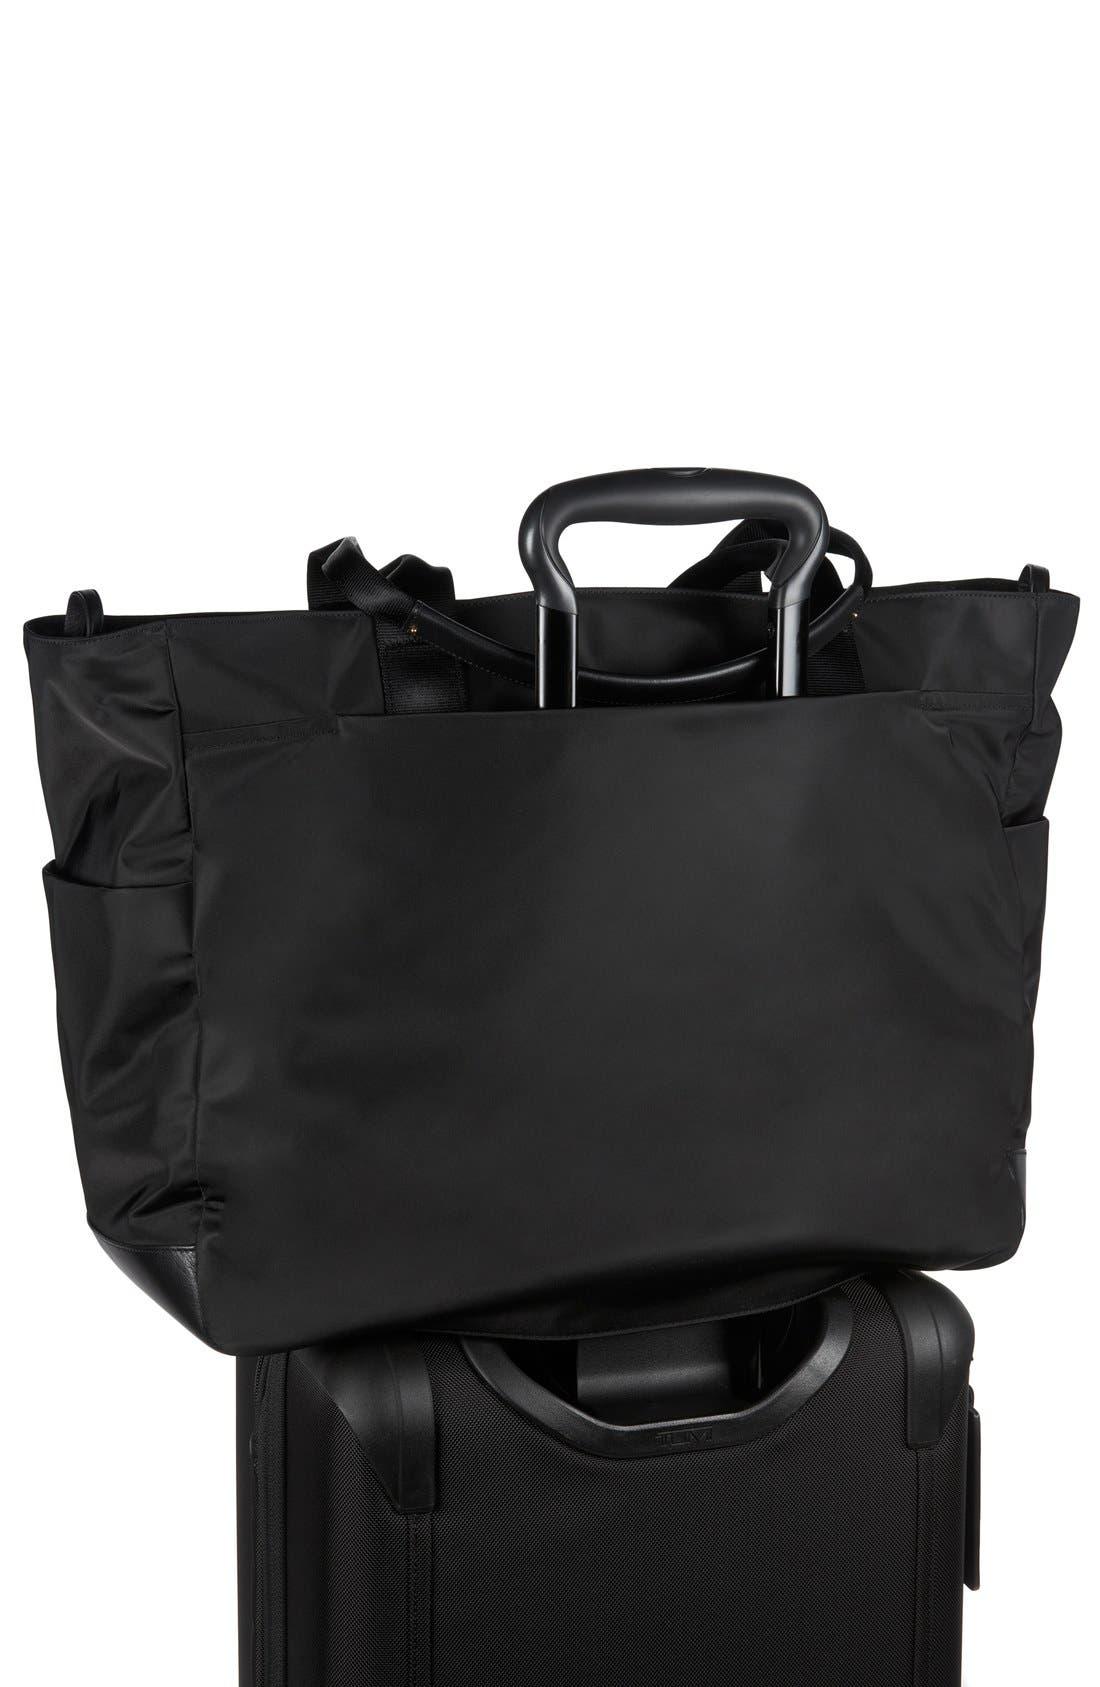 Mansion Shoulder Tote/Baby Bag,                             Alternate thumbnail 3, color,                             001